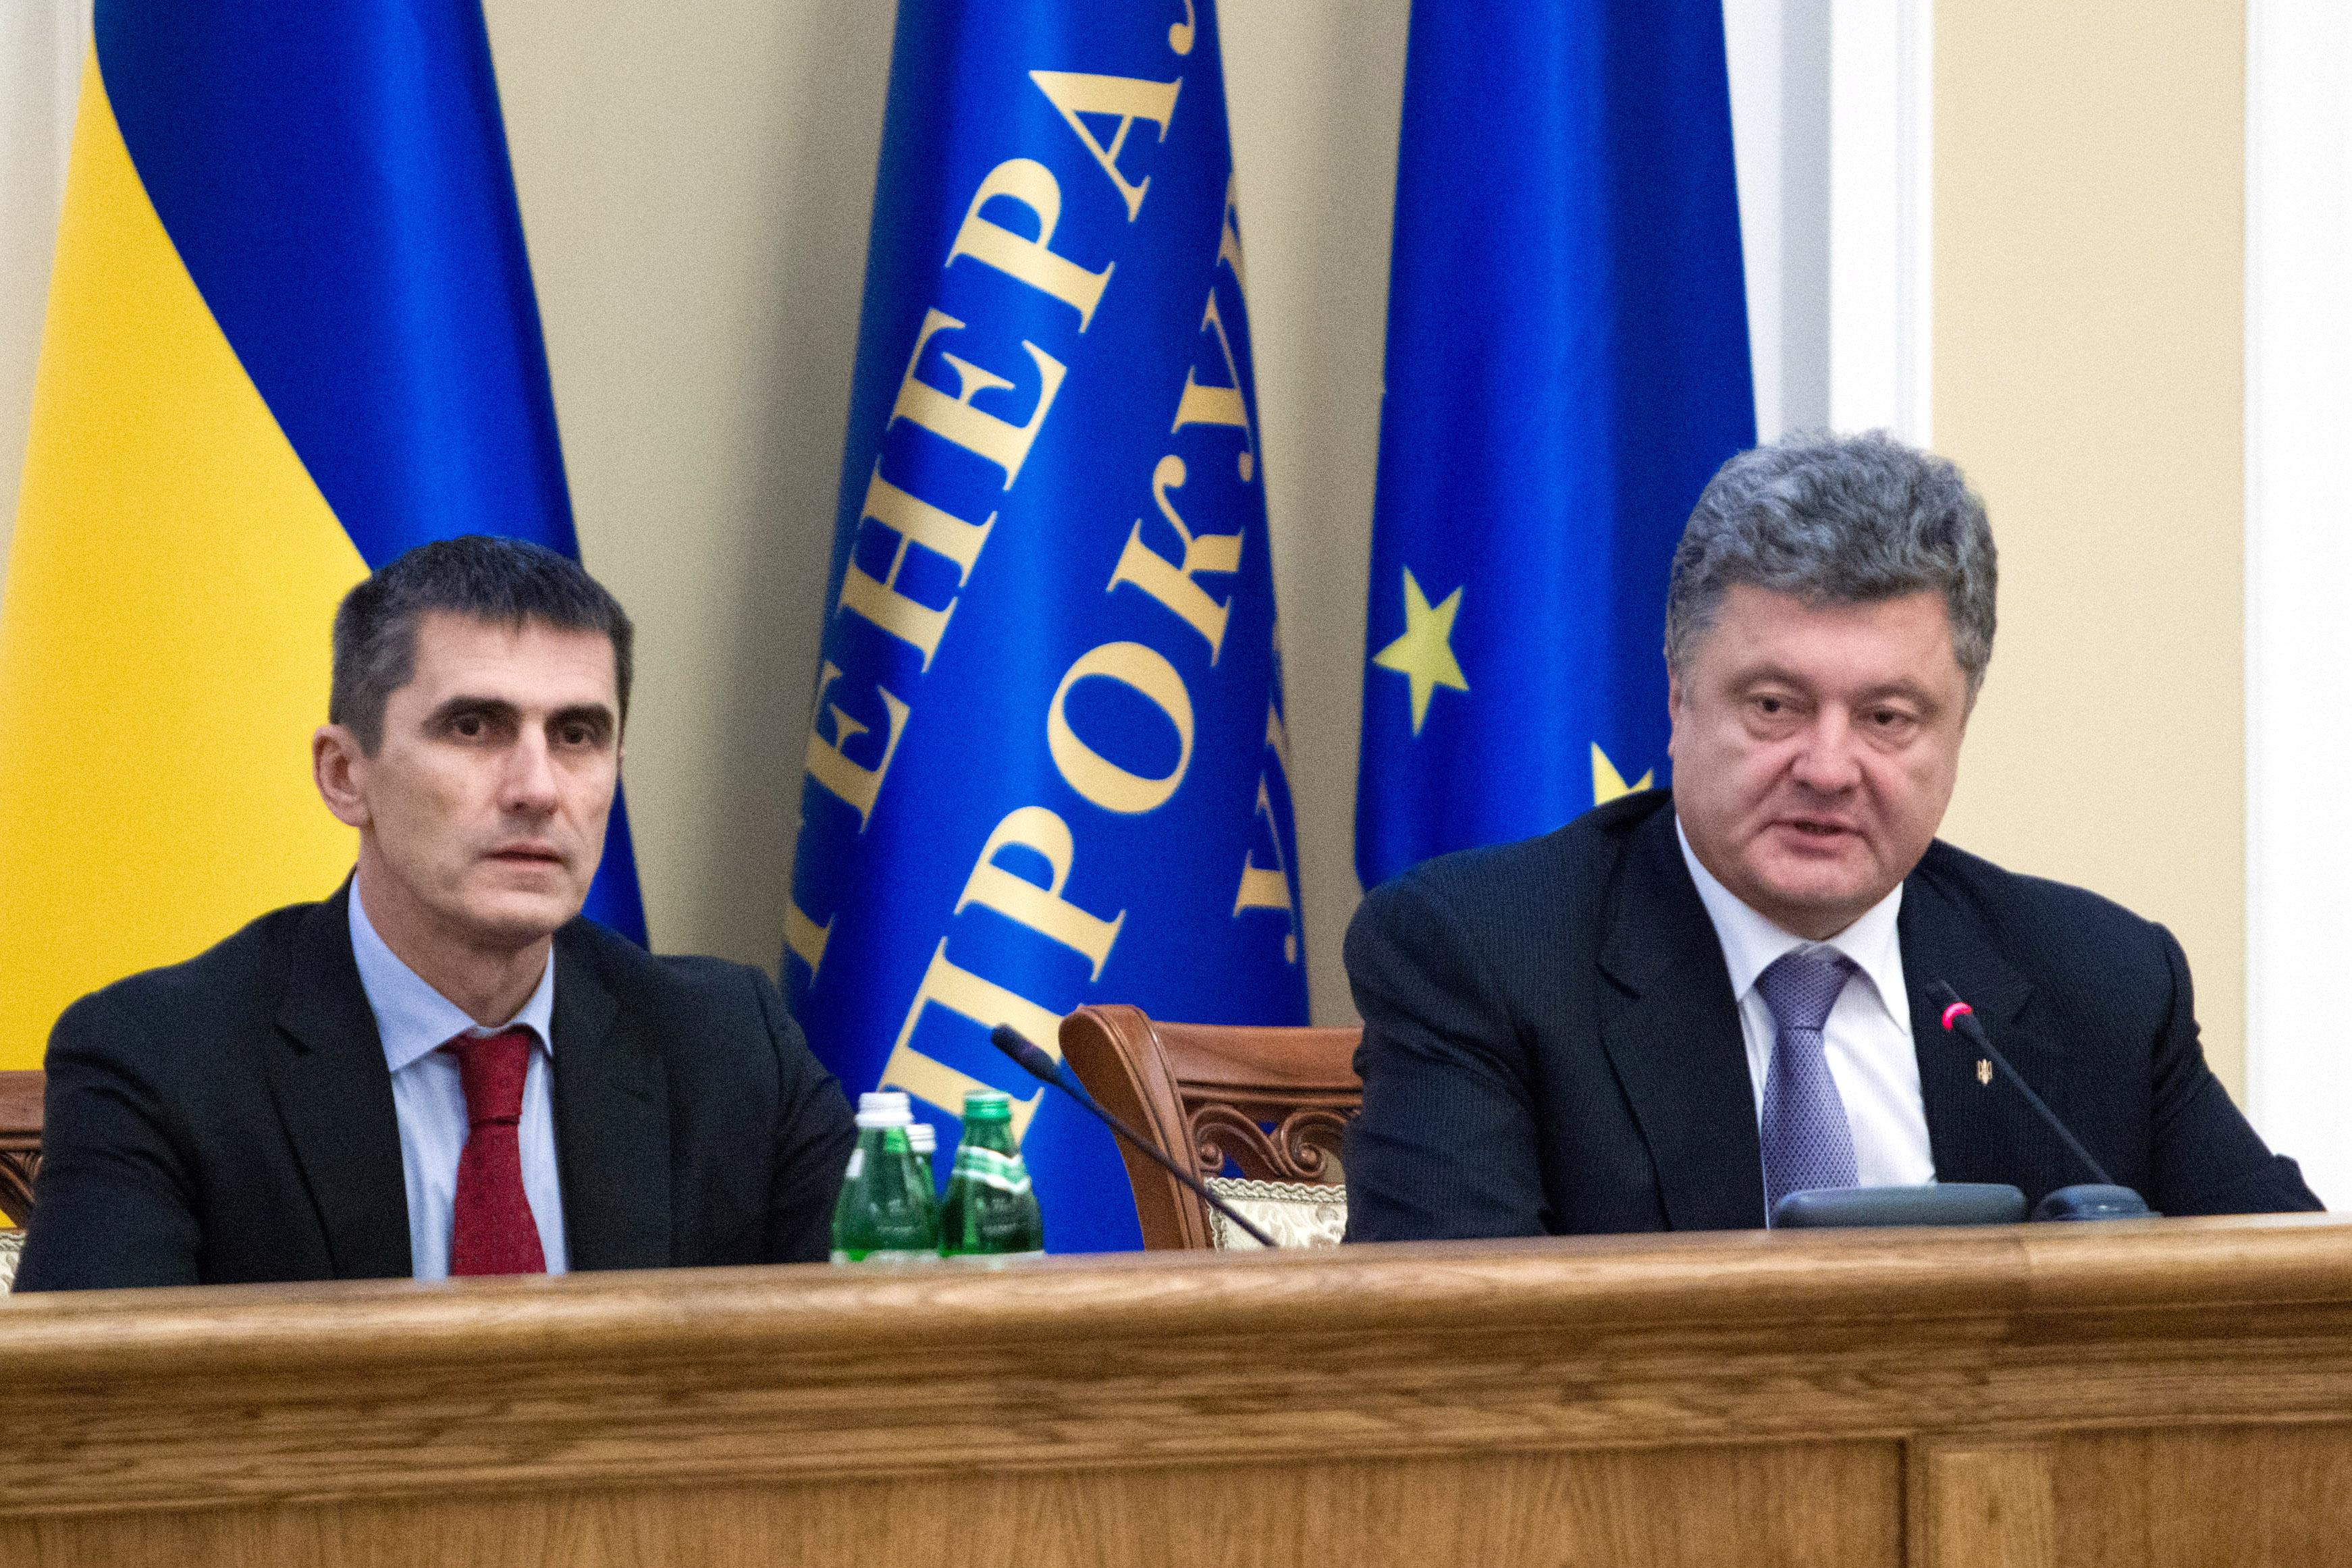 Новый генеральный прокурор Украины Виталий Ярема и президент Украины Петр Порошенко